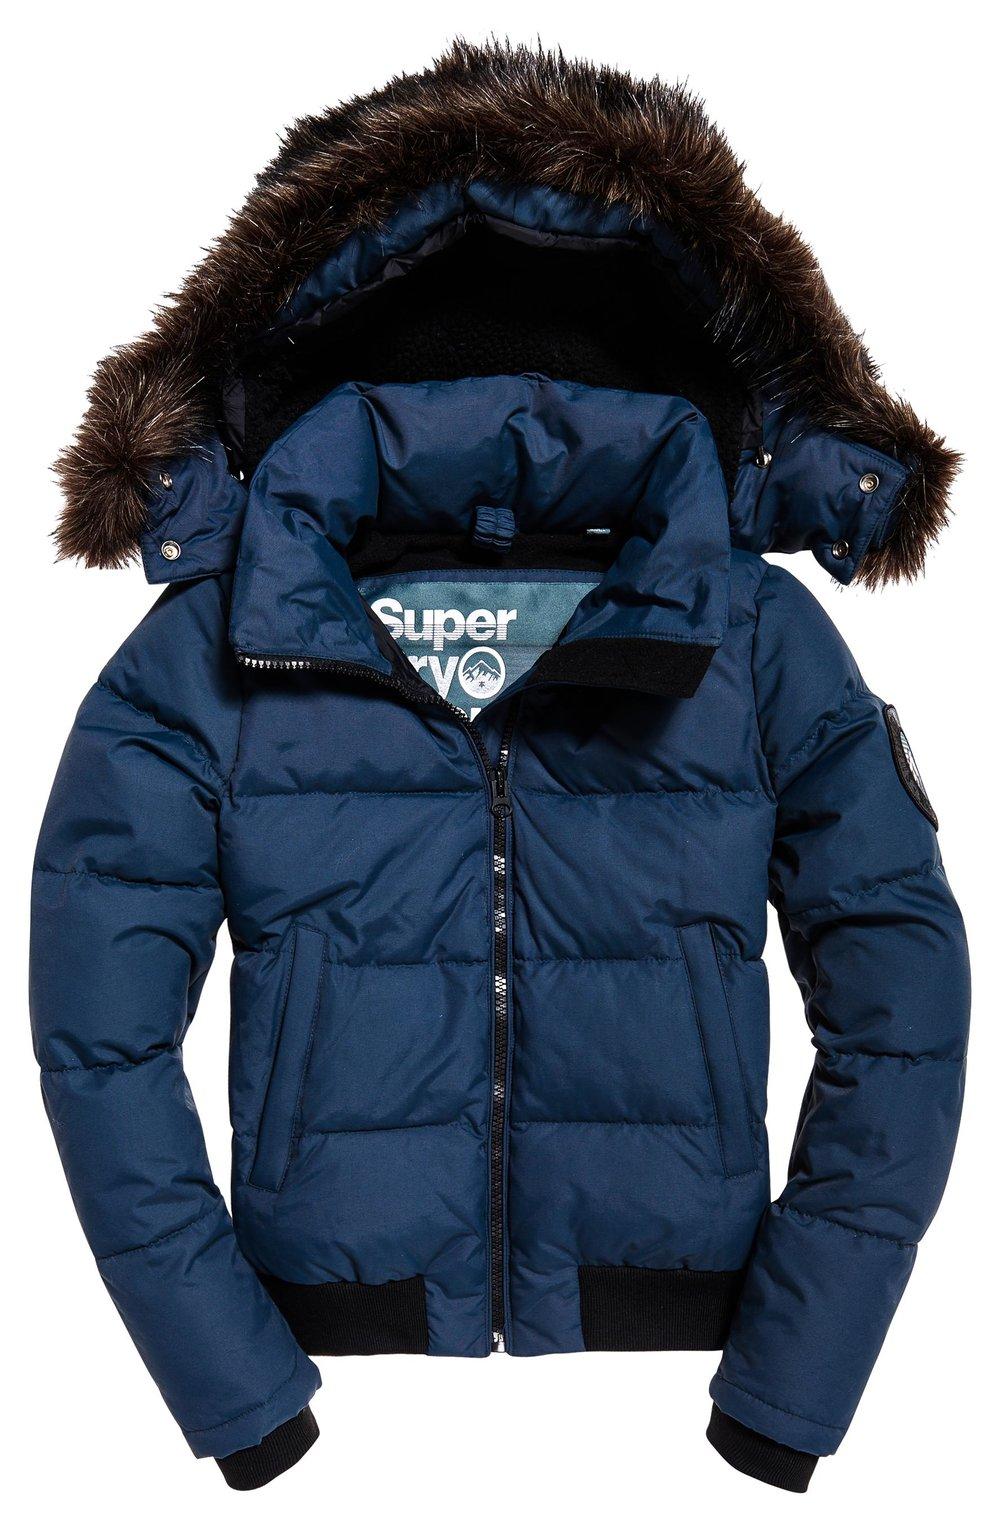 Superdry Everest Ella Bomber £114.99 - 169.95€ www.superdry.com.jpg